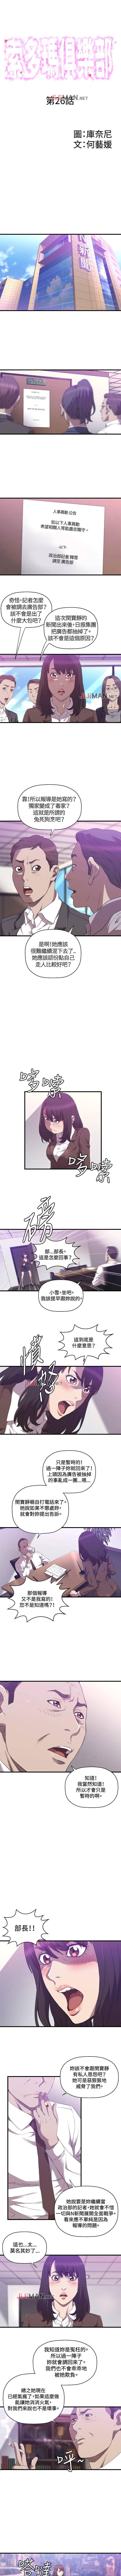 【已完结】索多玛俱乐部(作者:何藝媛&庫奈尼) 第1~32话 121